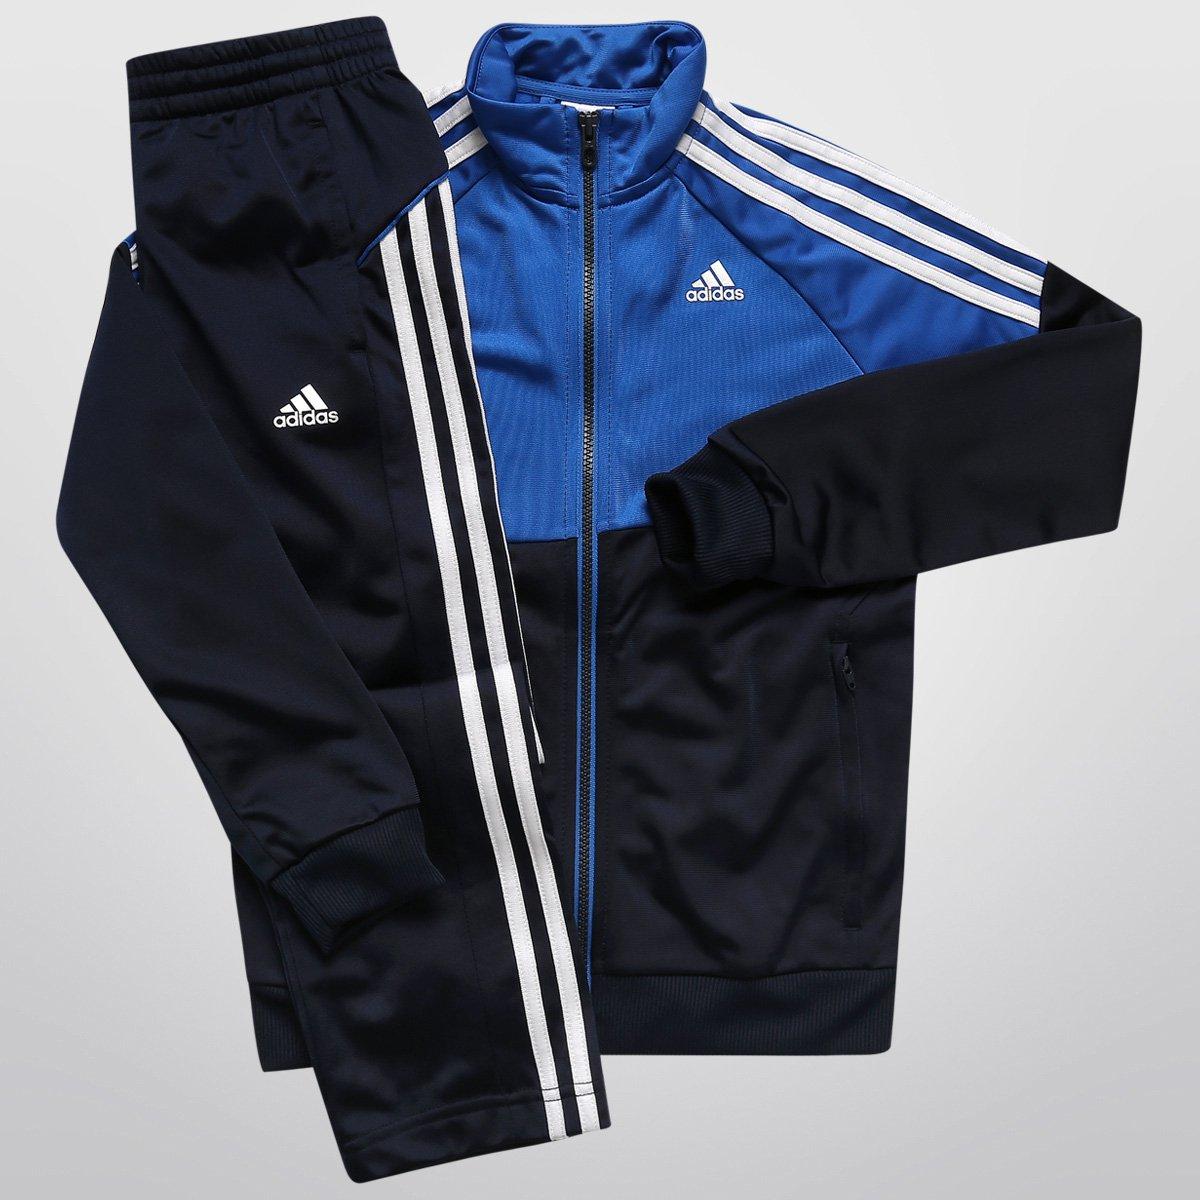 ... Agasalho Adidas YK TS Gear KN Infantil - Compre Agora Netshoes  9c8ca35cc34802 ... db9af003406c1